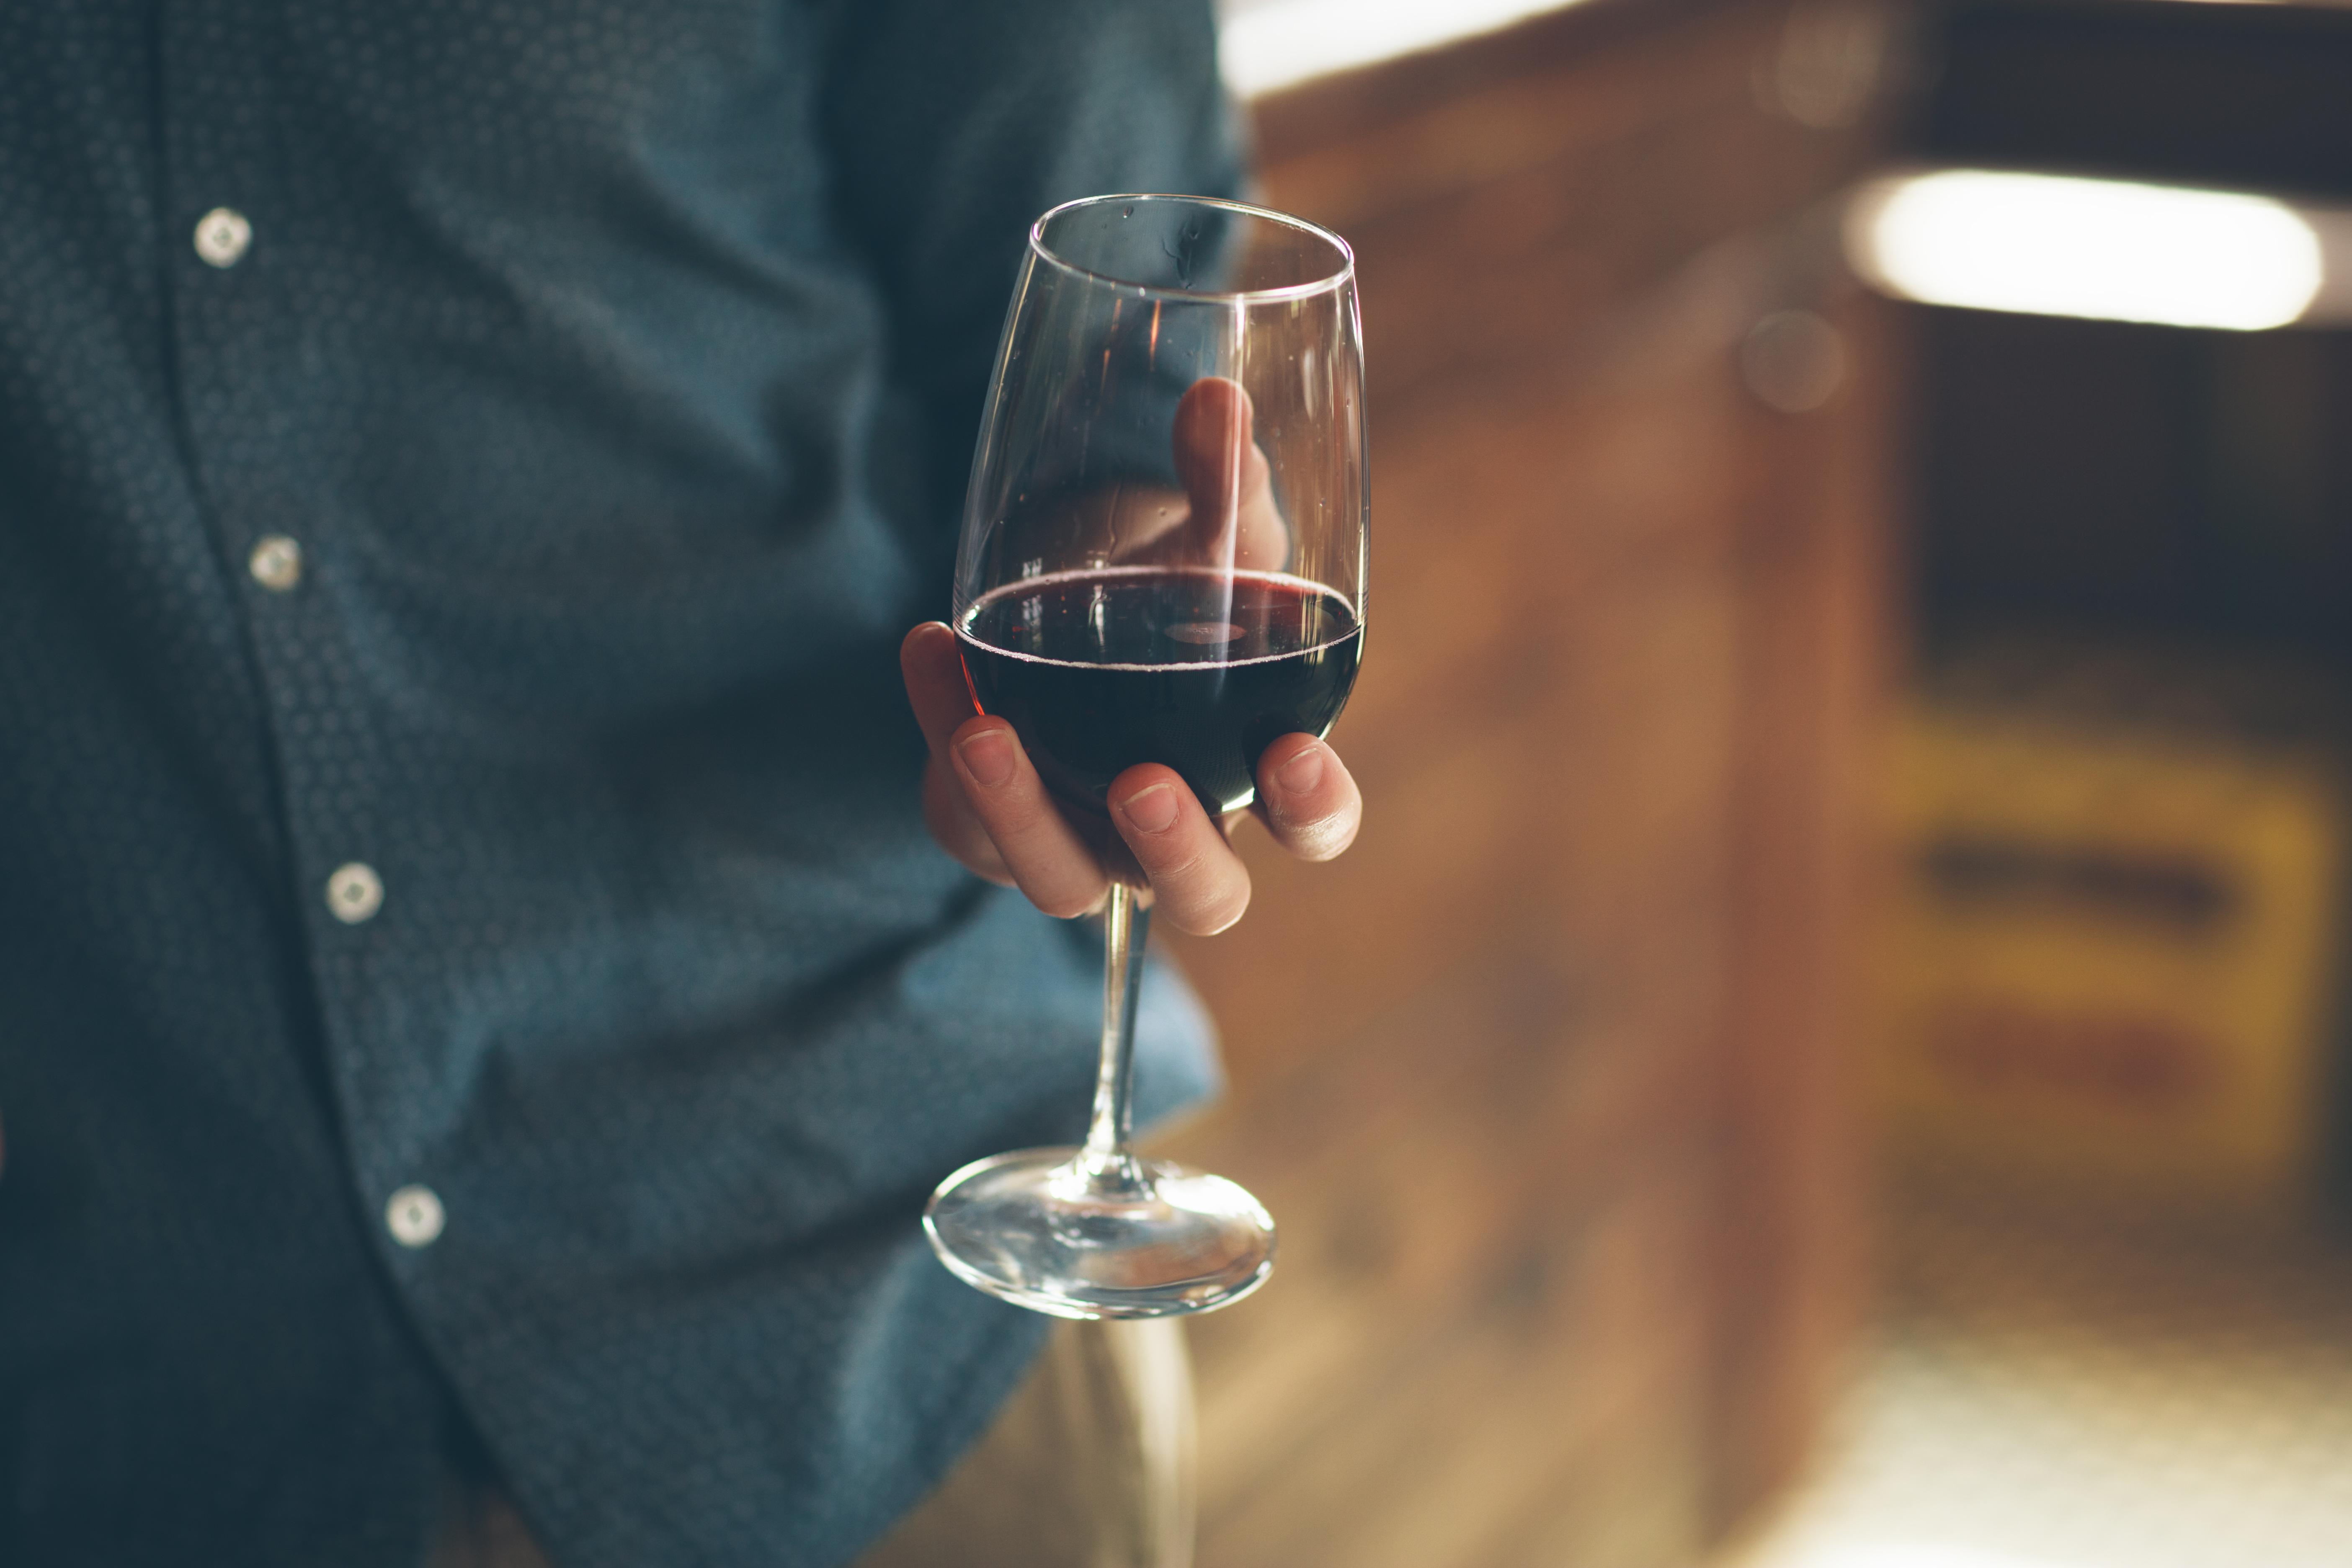 Открытки февраля, картинки бокал вина в руке